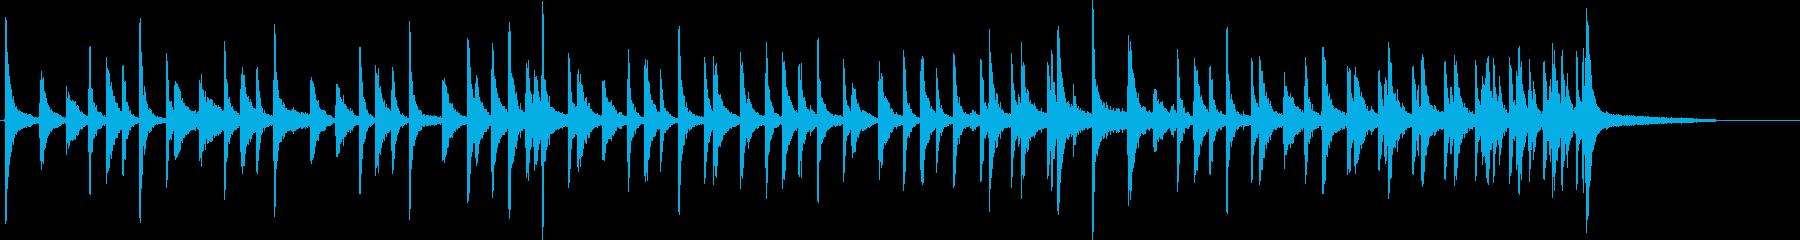 アコースティックドラムセット:ロッ...の再生済みの波形